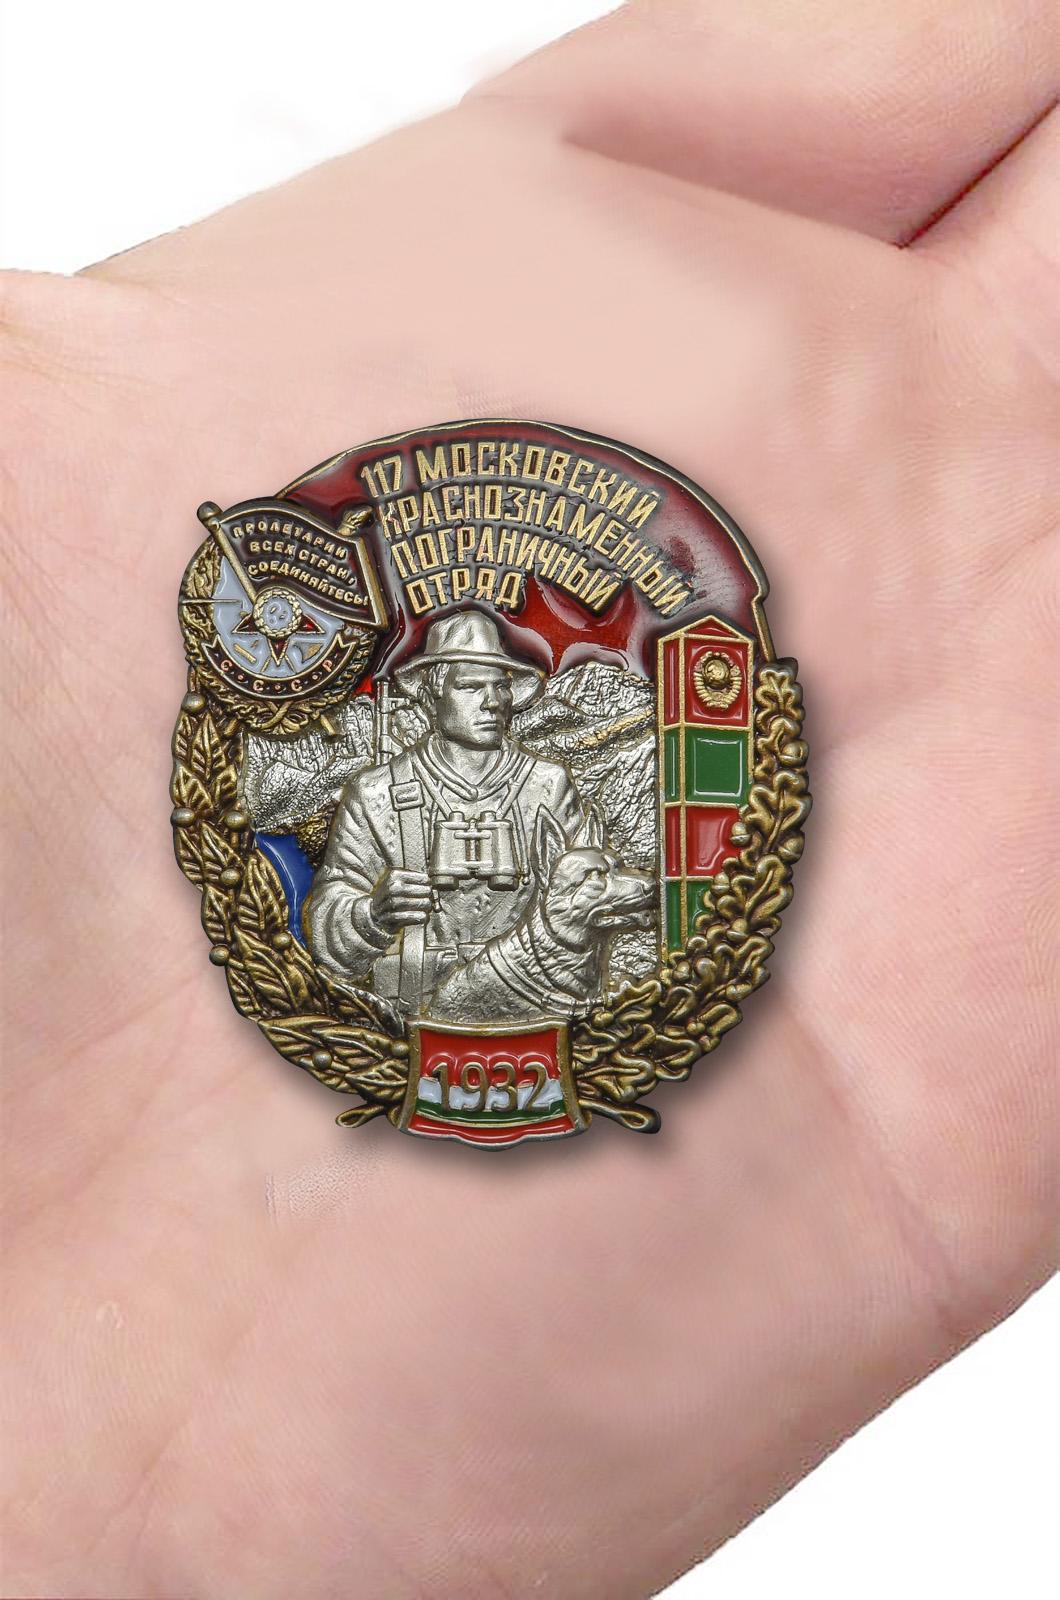 Наградной знак 117 Московский Краснознамённый Пограничный отряд - вид на ладони